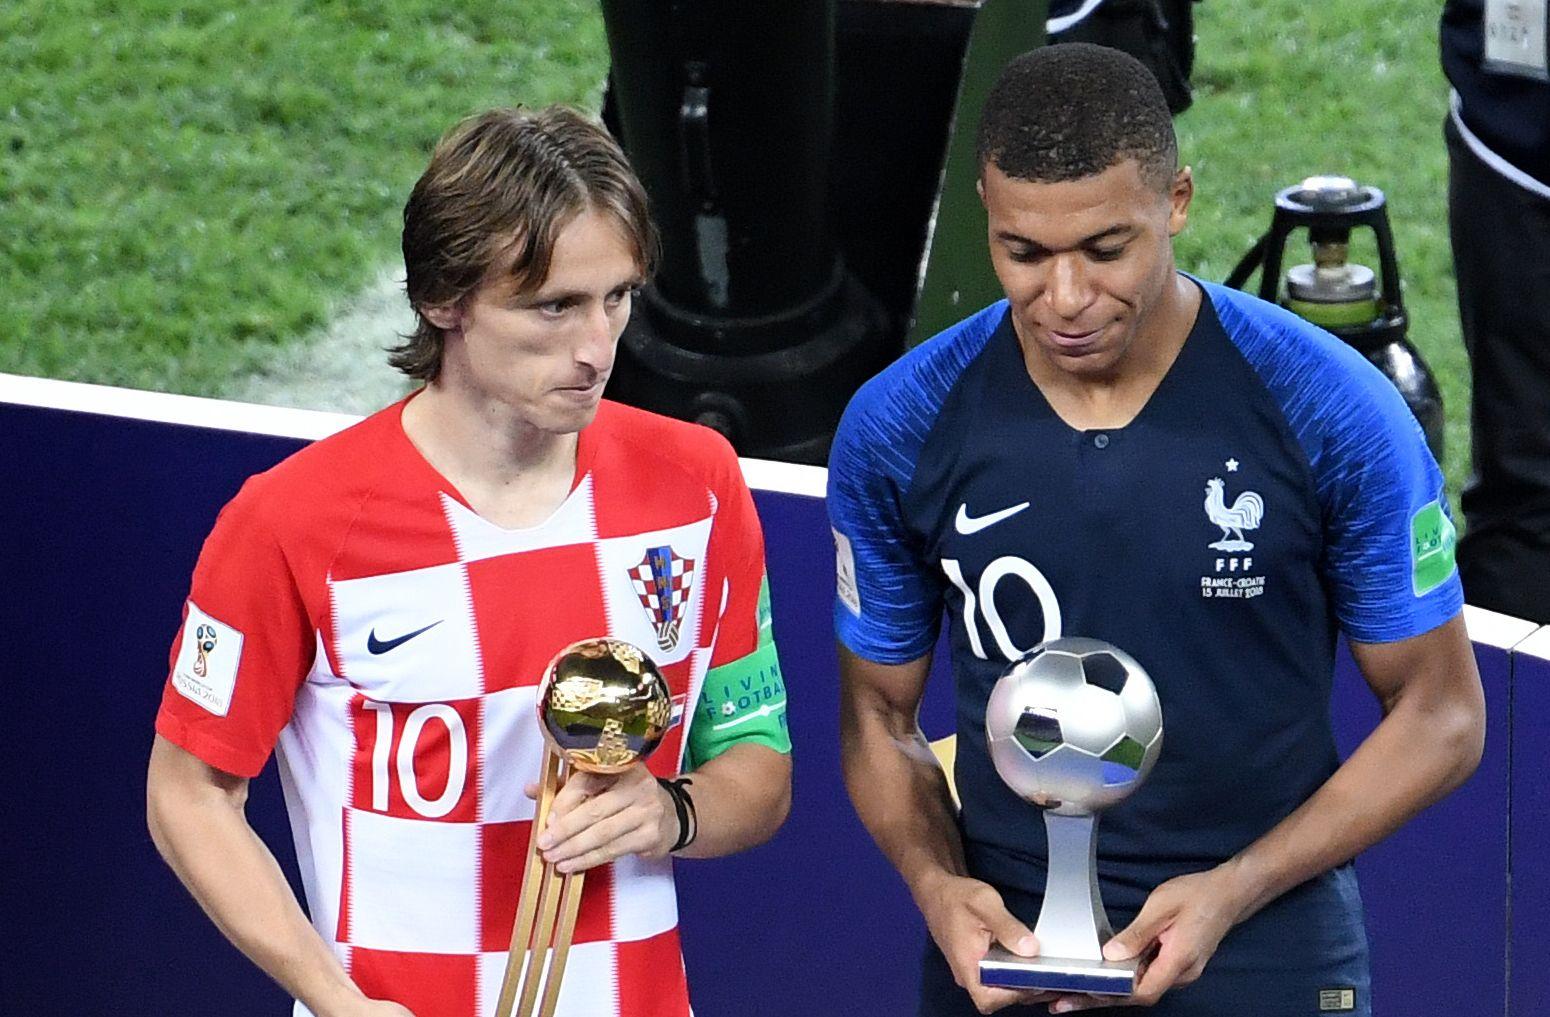 Vigaszdíj: Luka Modric lett a vébé legjobb játékosa